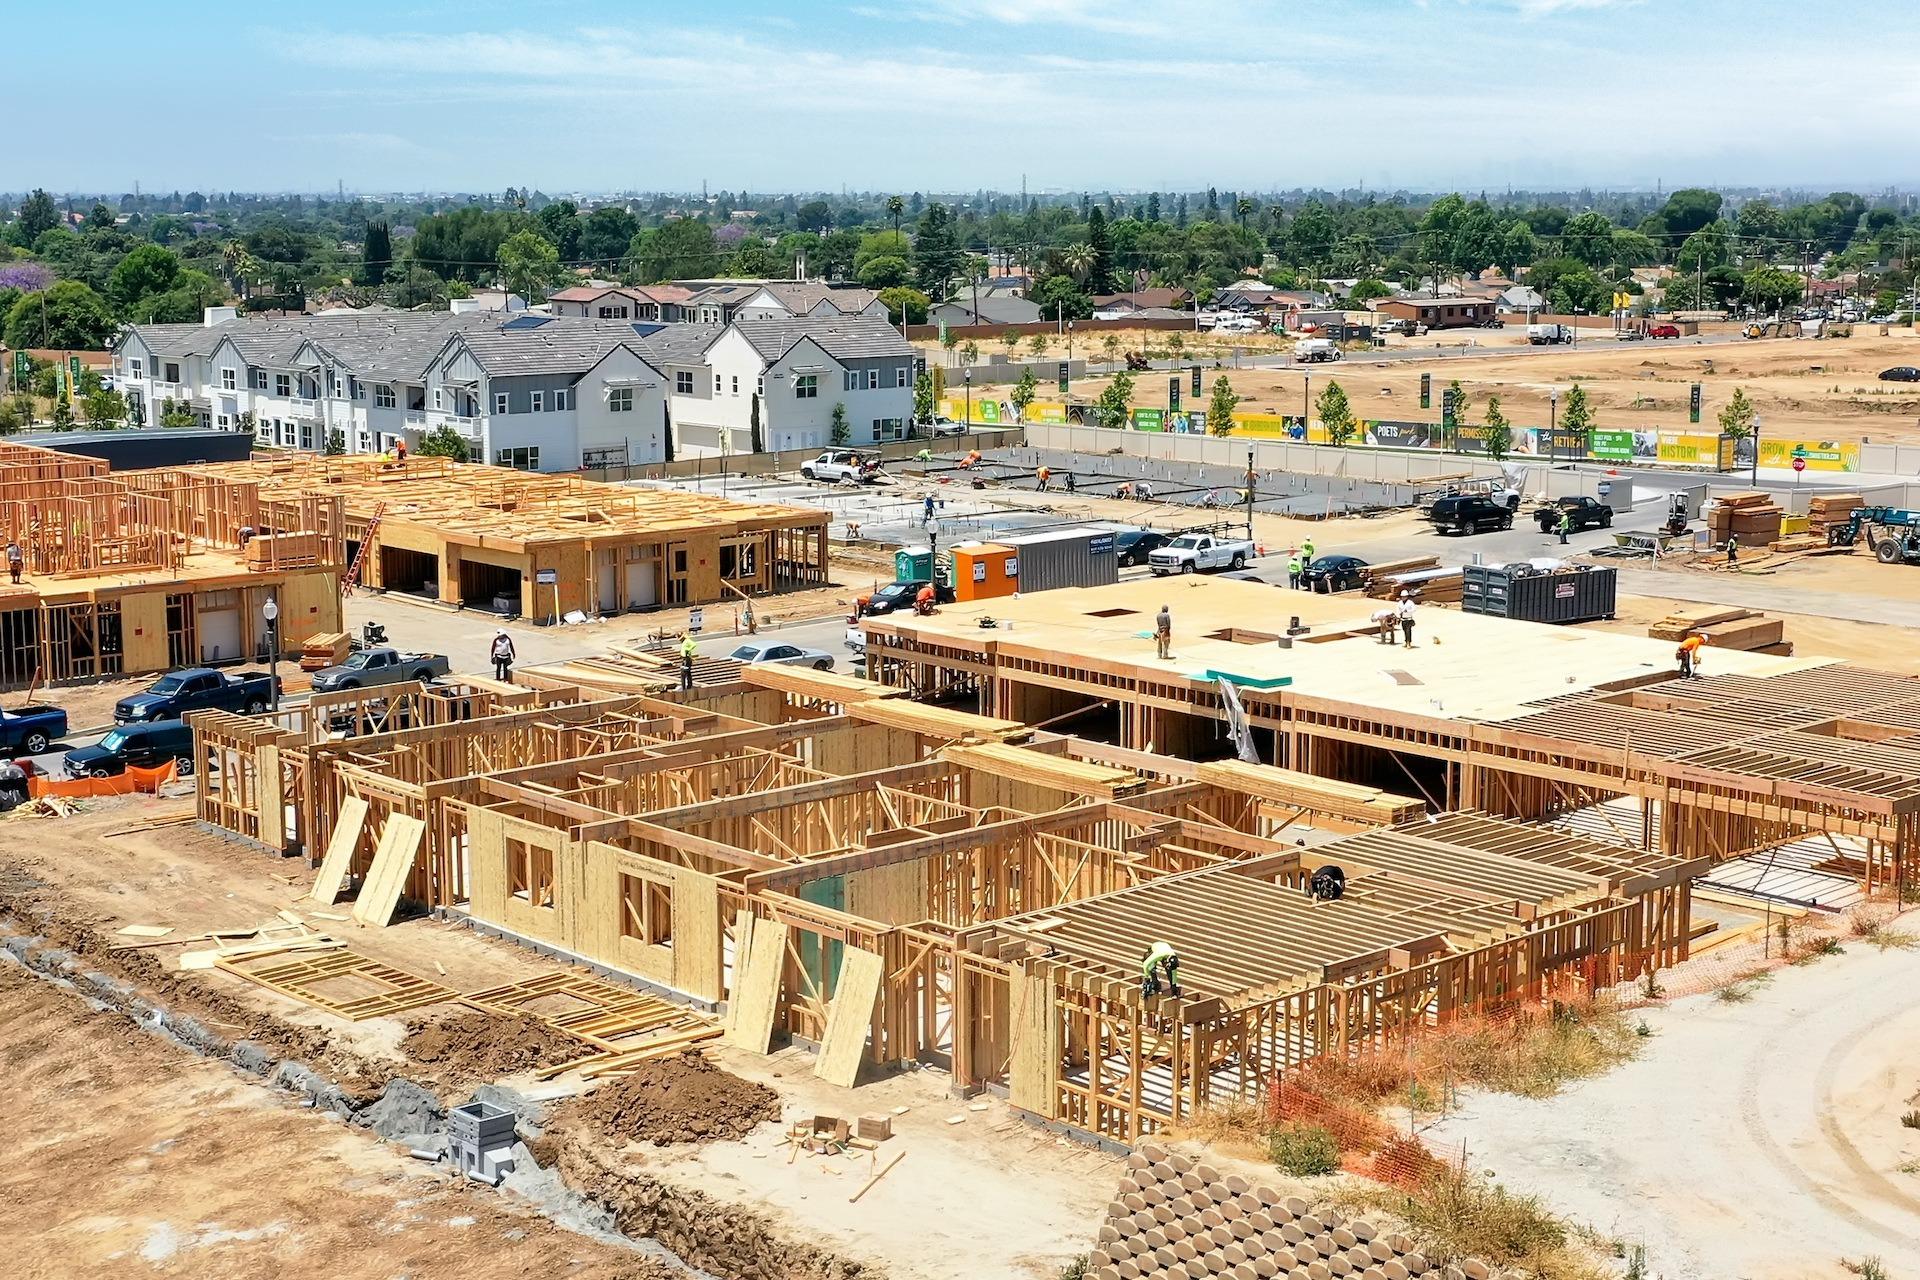 Pat Kent Commercial real estate Photo: Dorian Media